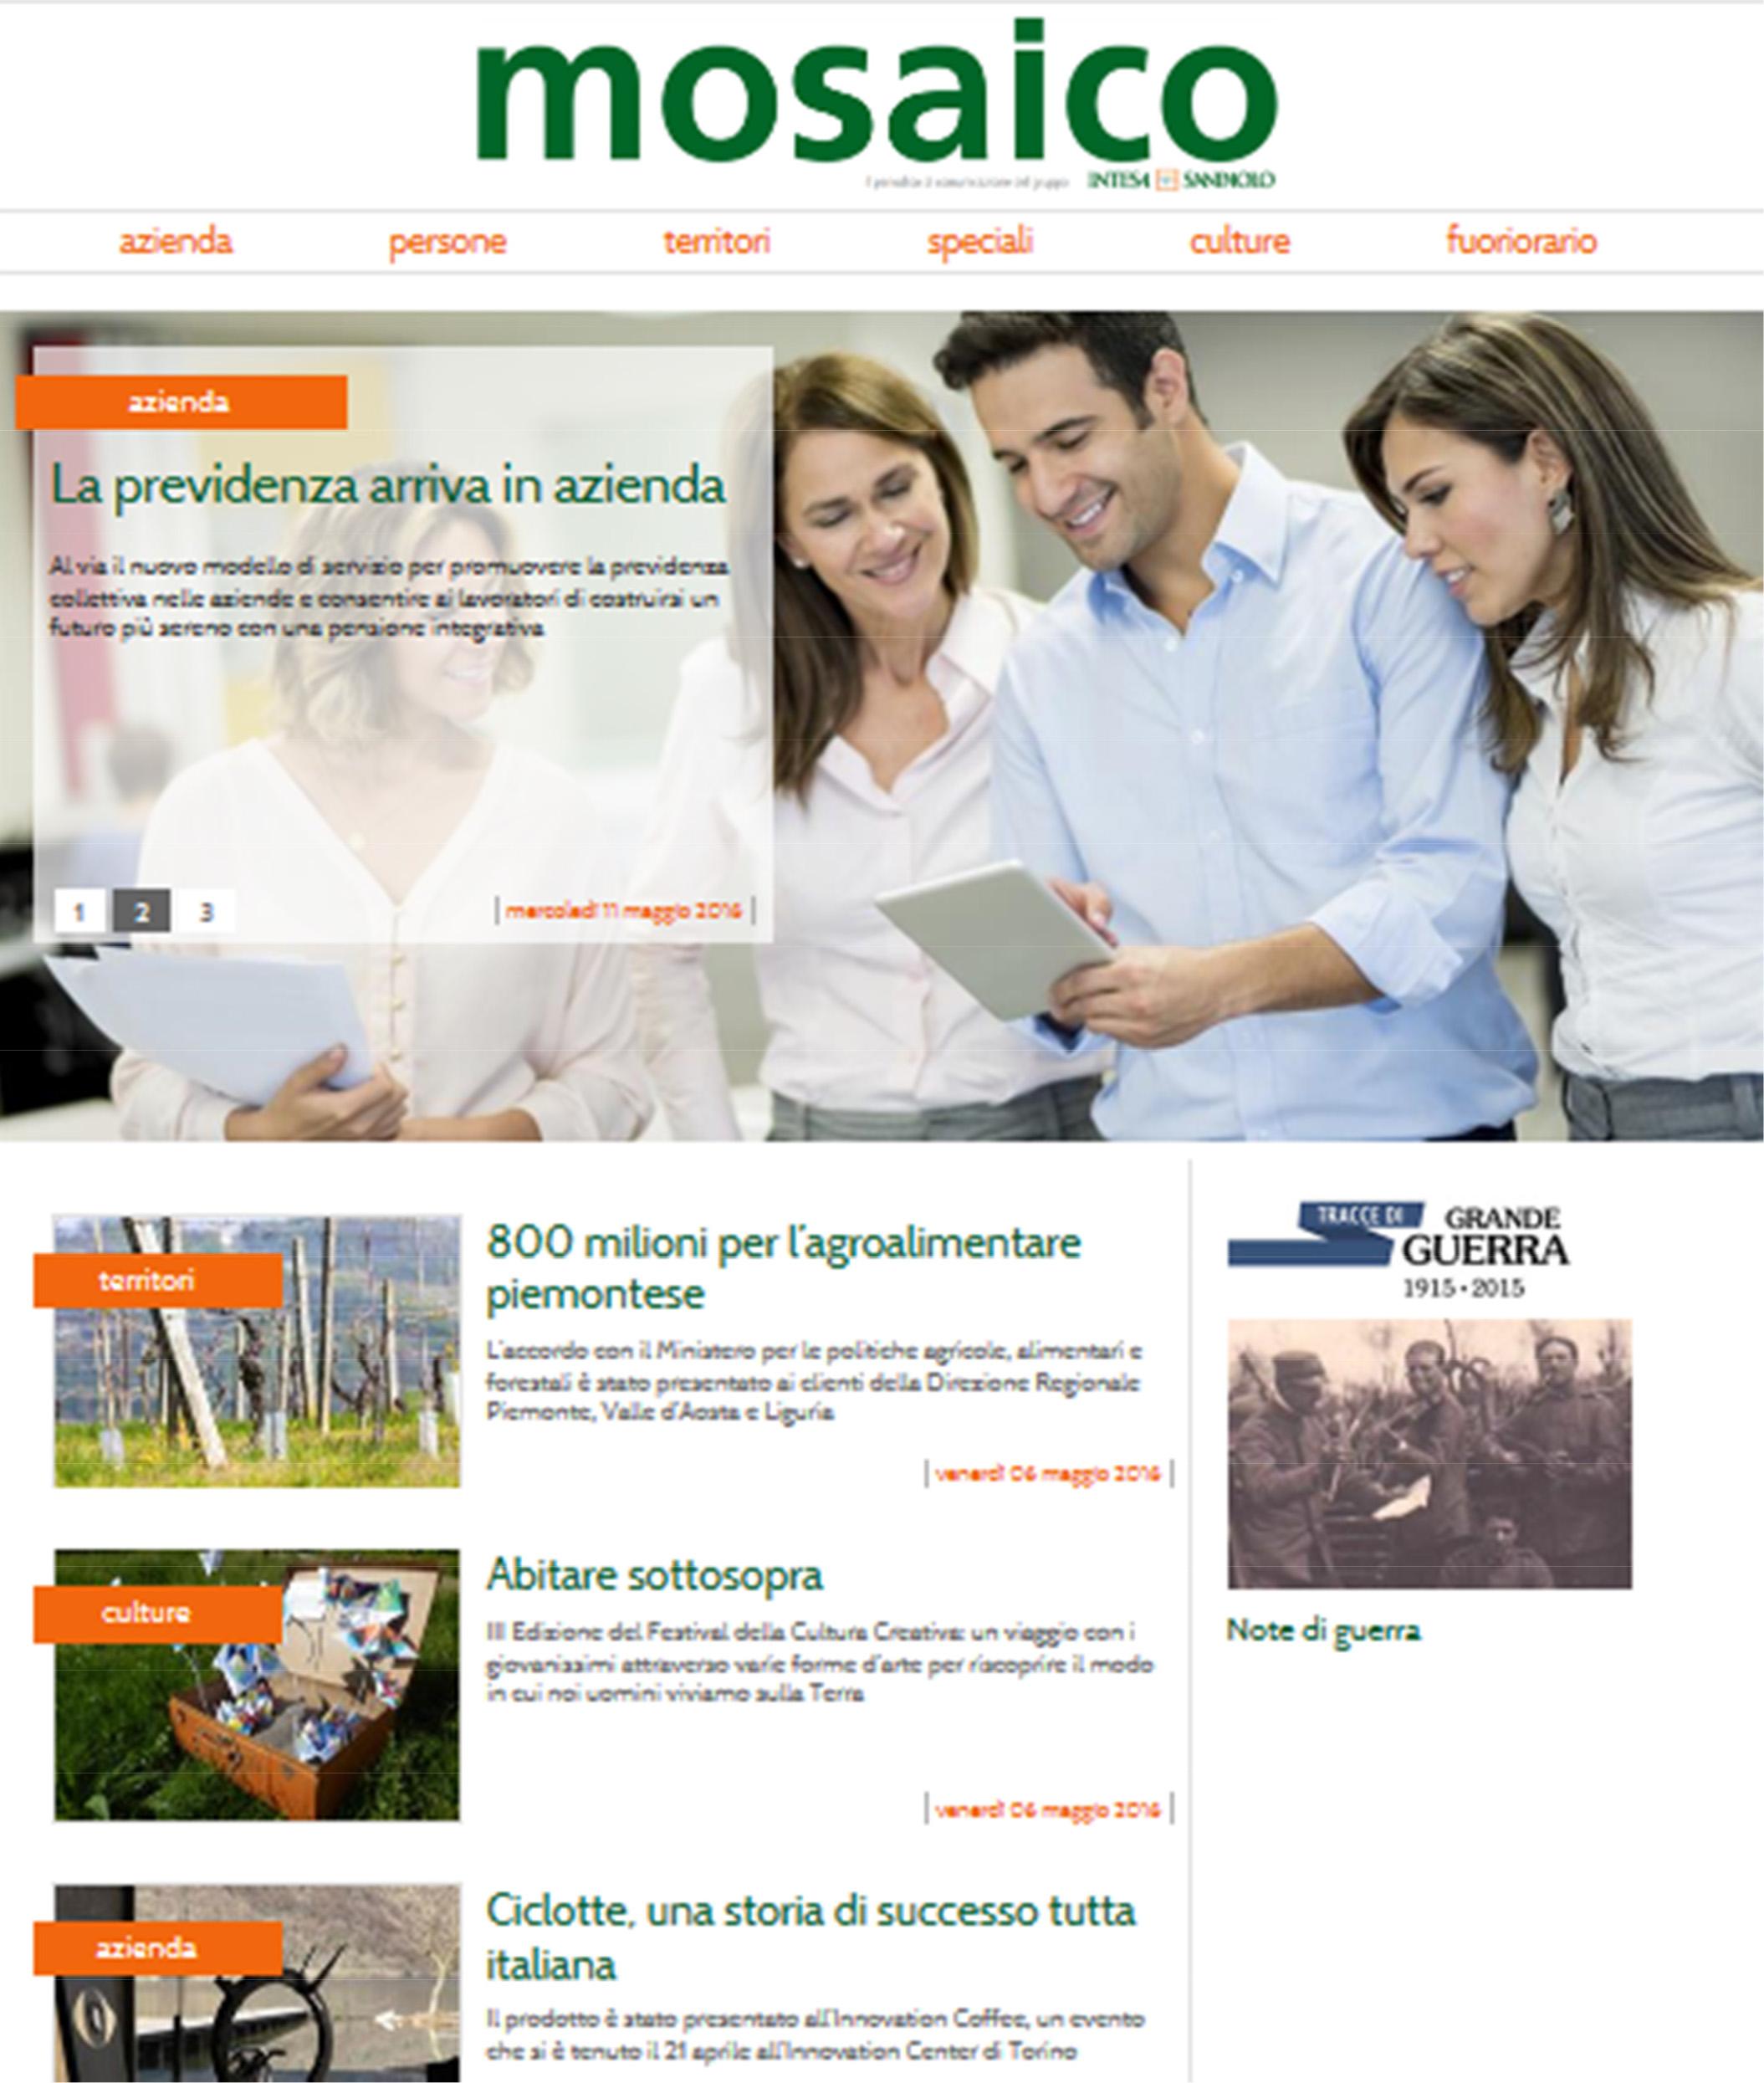 Intesa Sanpaolo ¨ il gruppo bancario nato dalla fusione di Banca Intesa e Sanpaolo Imi due grandi realt bancarie italiane caratterizzate da valori uni